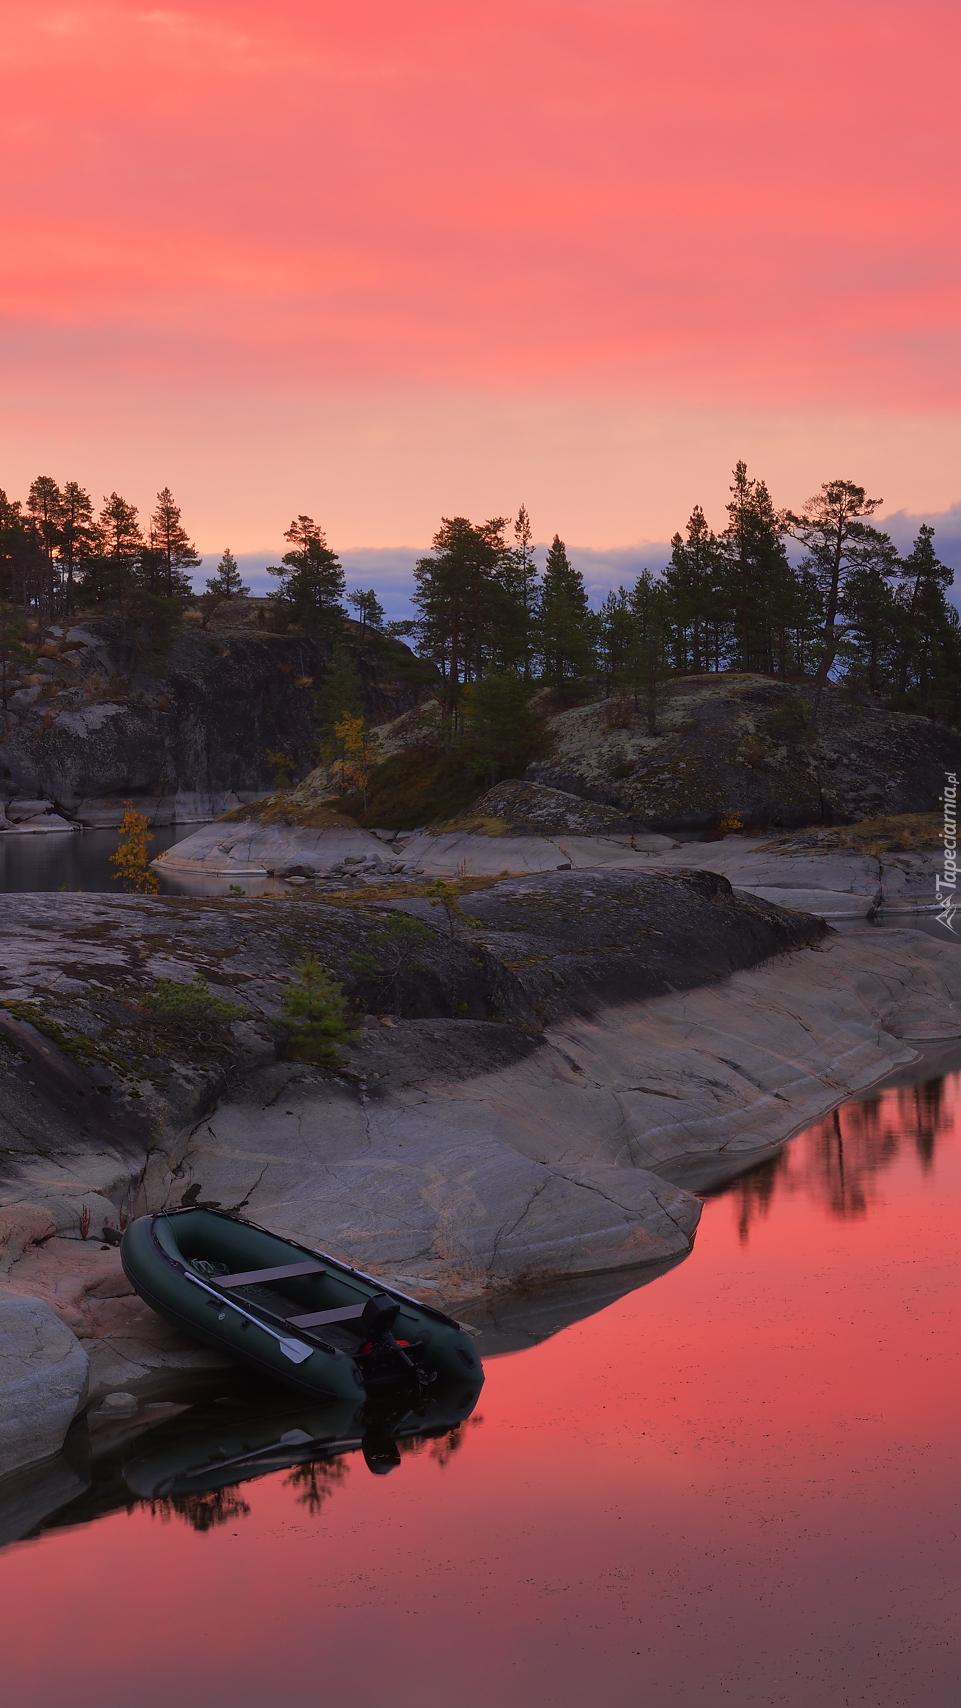 Łódka na skalnym brzegu jeziora